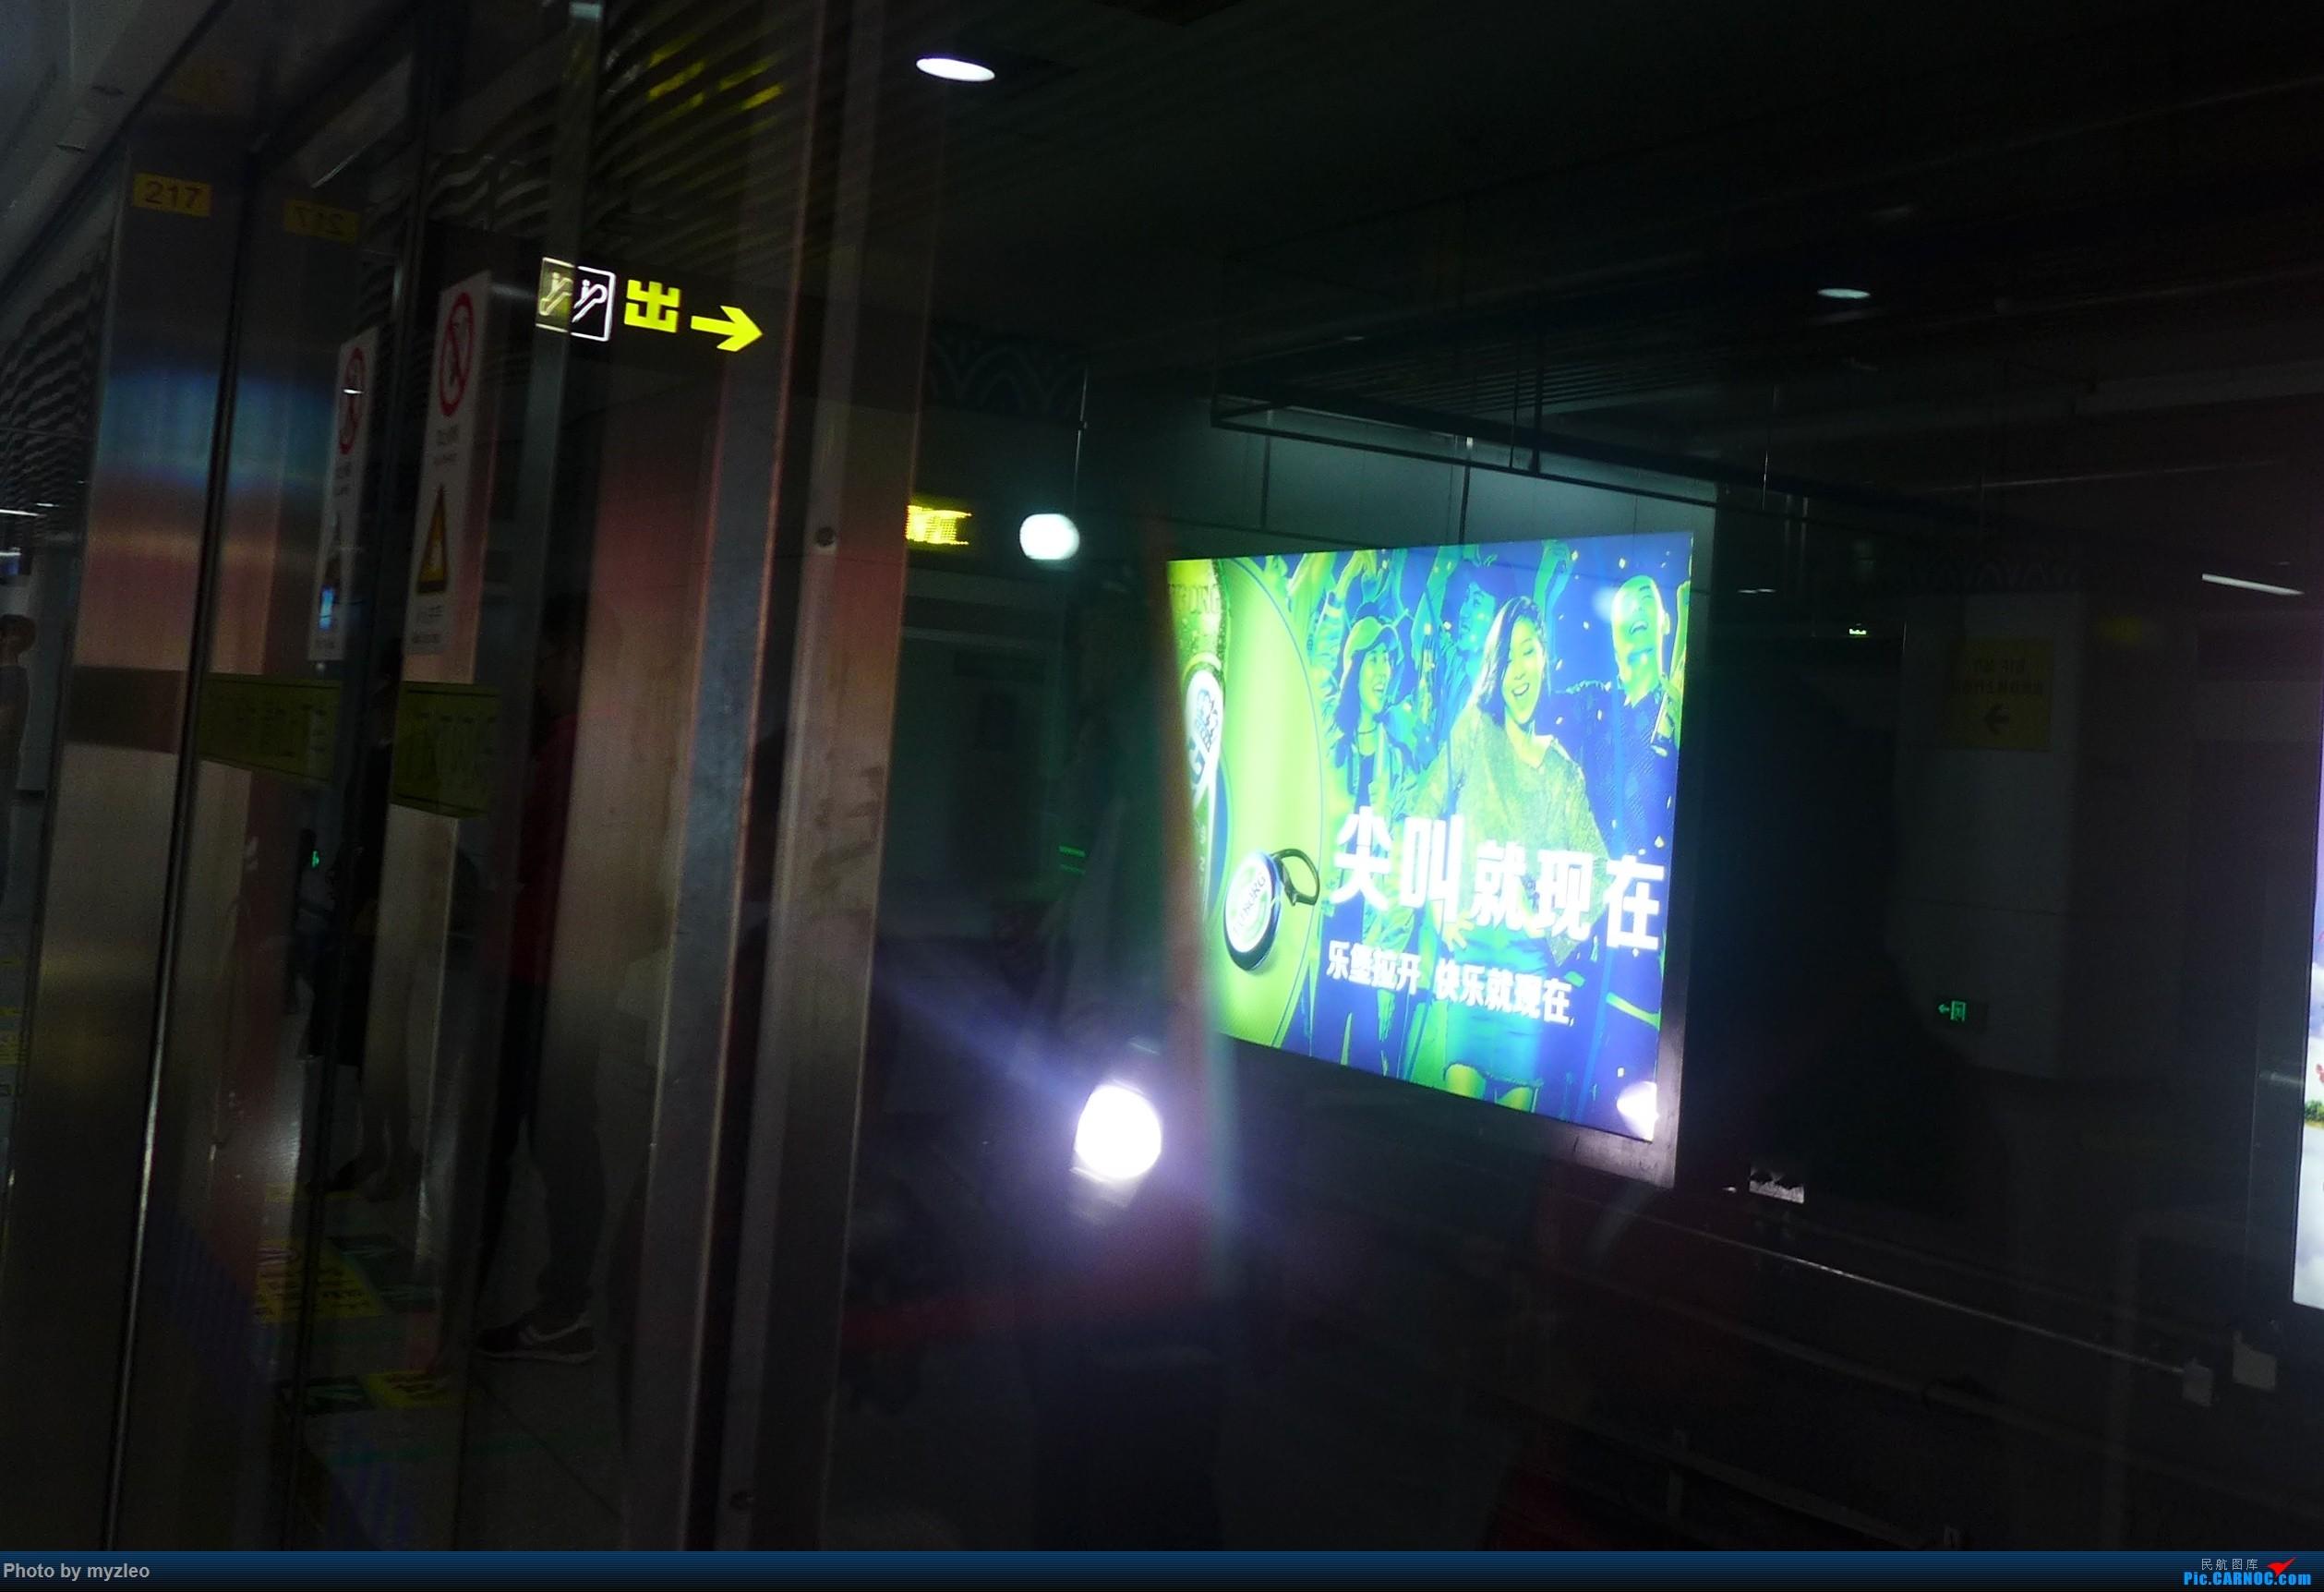 Re:[原创]【myzleo的游记2.1】昆洱风光(1)——SHA-KMG上航商务舱再体验+人在昆明